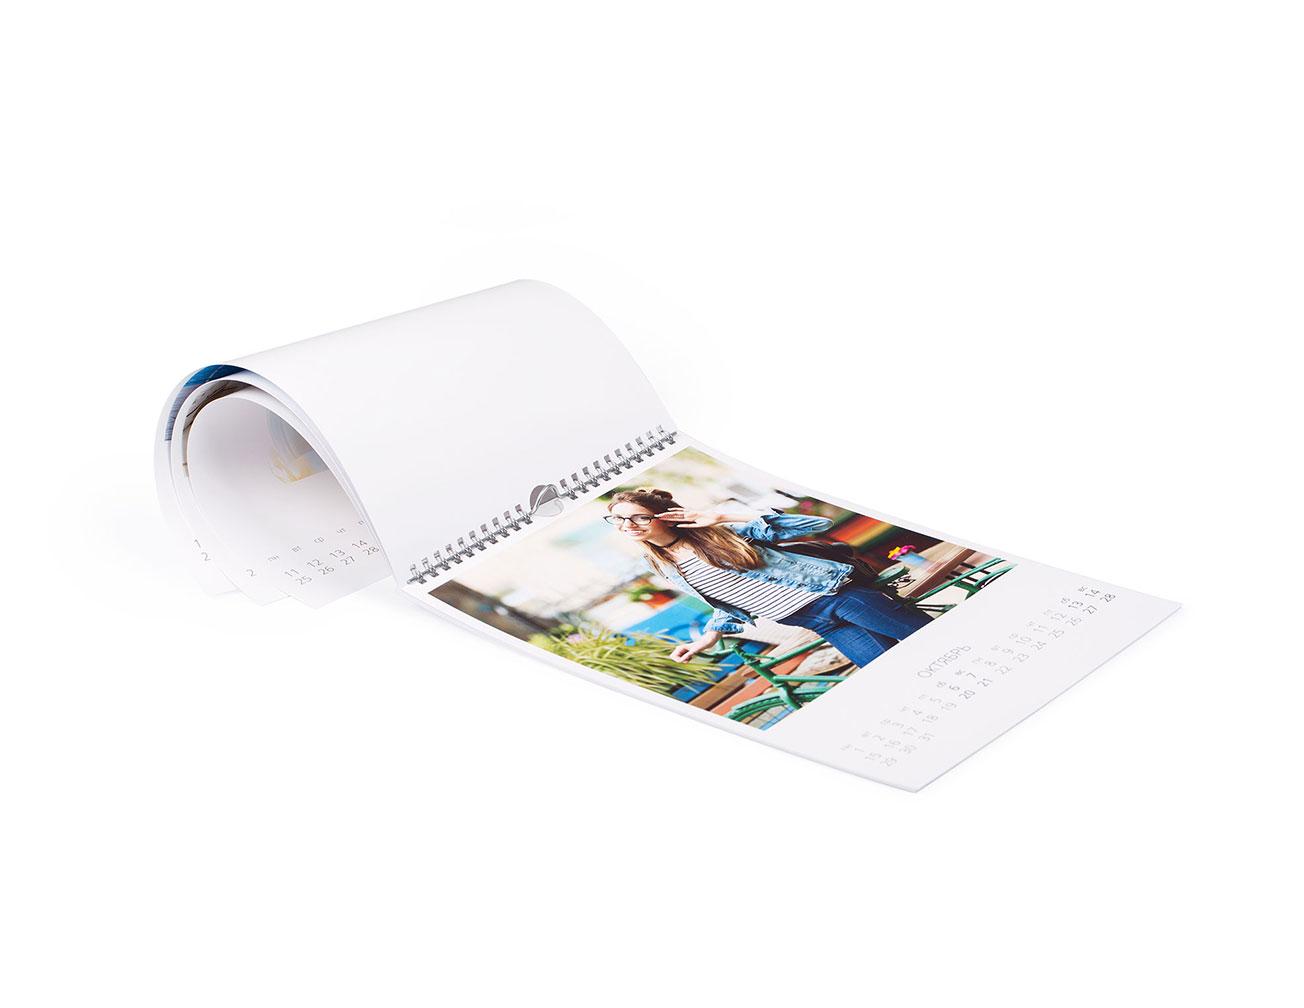 Заказать фотокалендарь А4 на стену домой или в офис